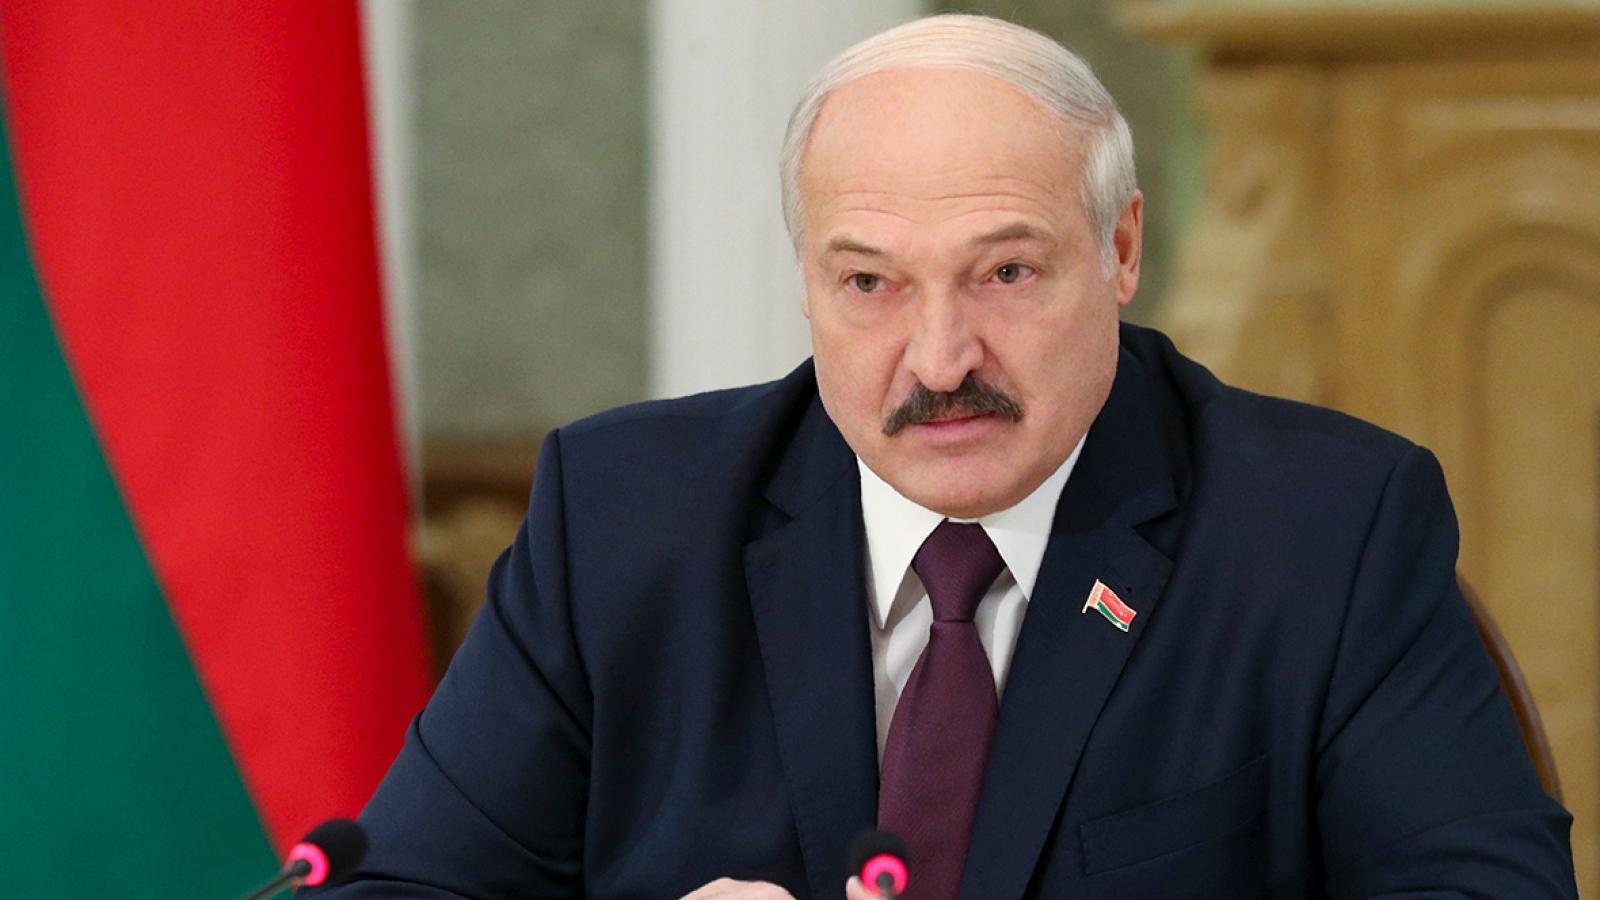 Belarus và Nga sẵn sàng phối hợp để đáp trả các mối đe dọa từ bên ngoài